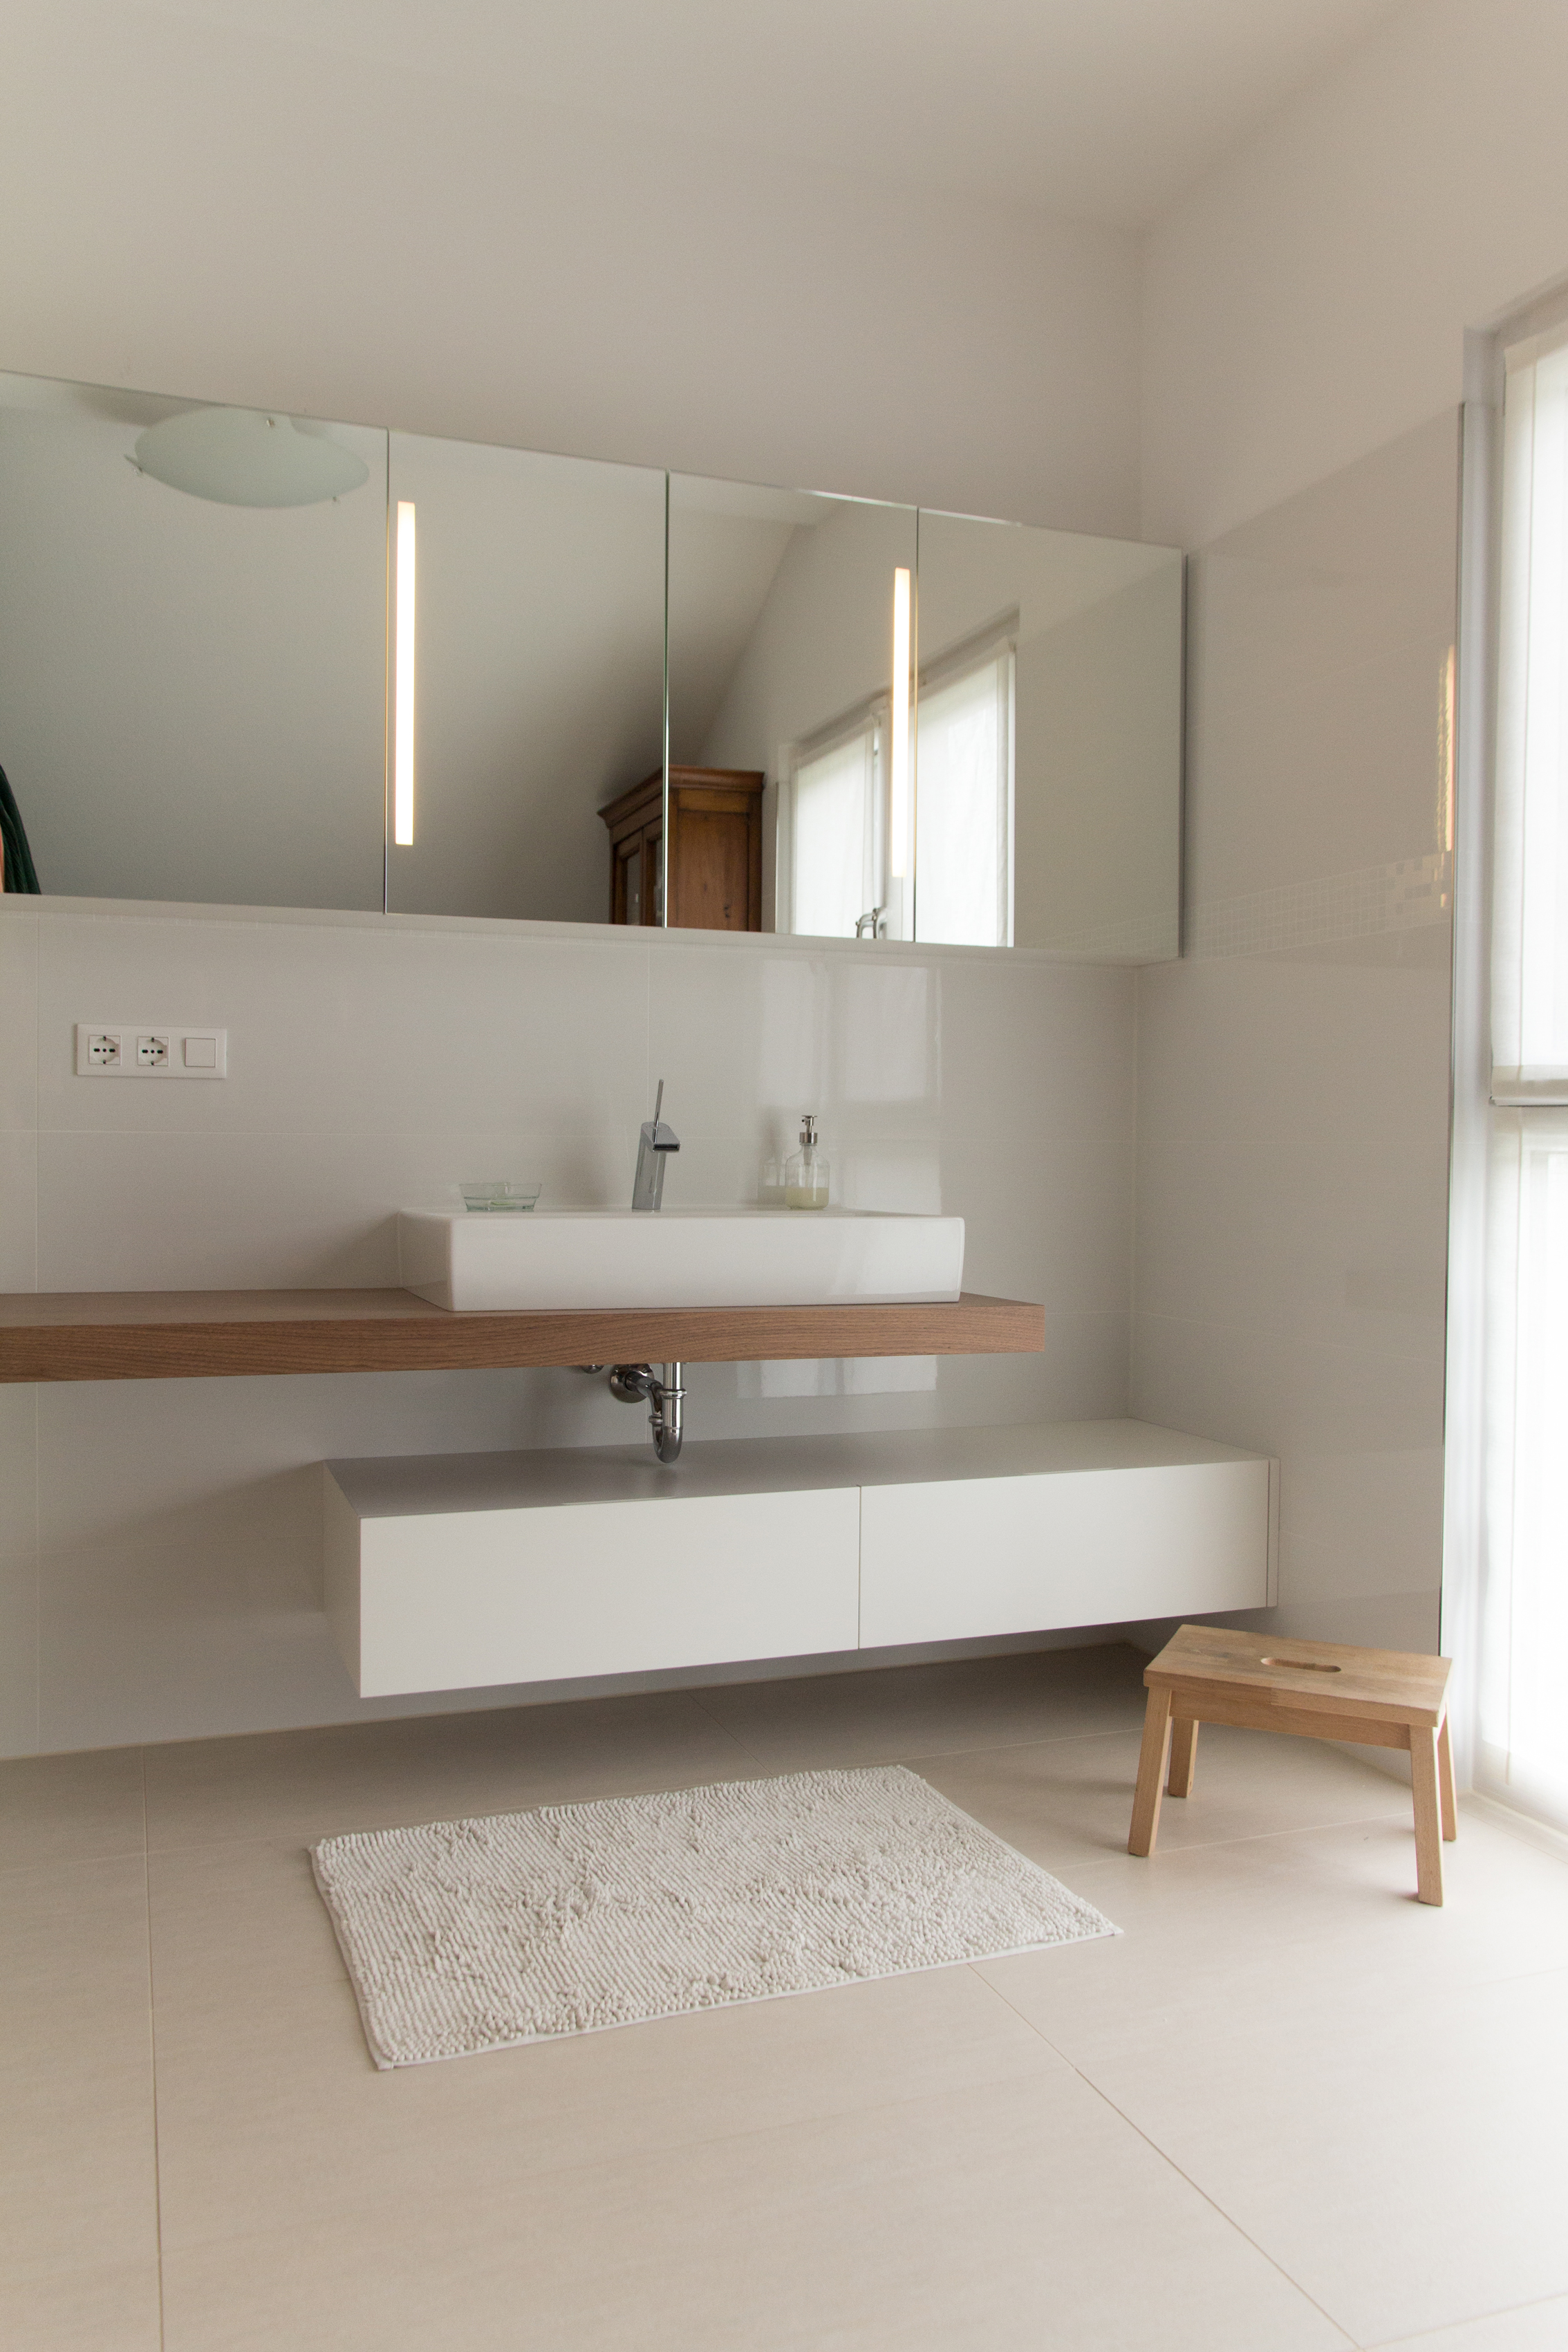 Leroy merlin luci da specchio bagno decora la tua vita - Mensole bagno design ...